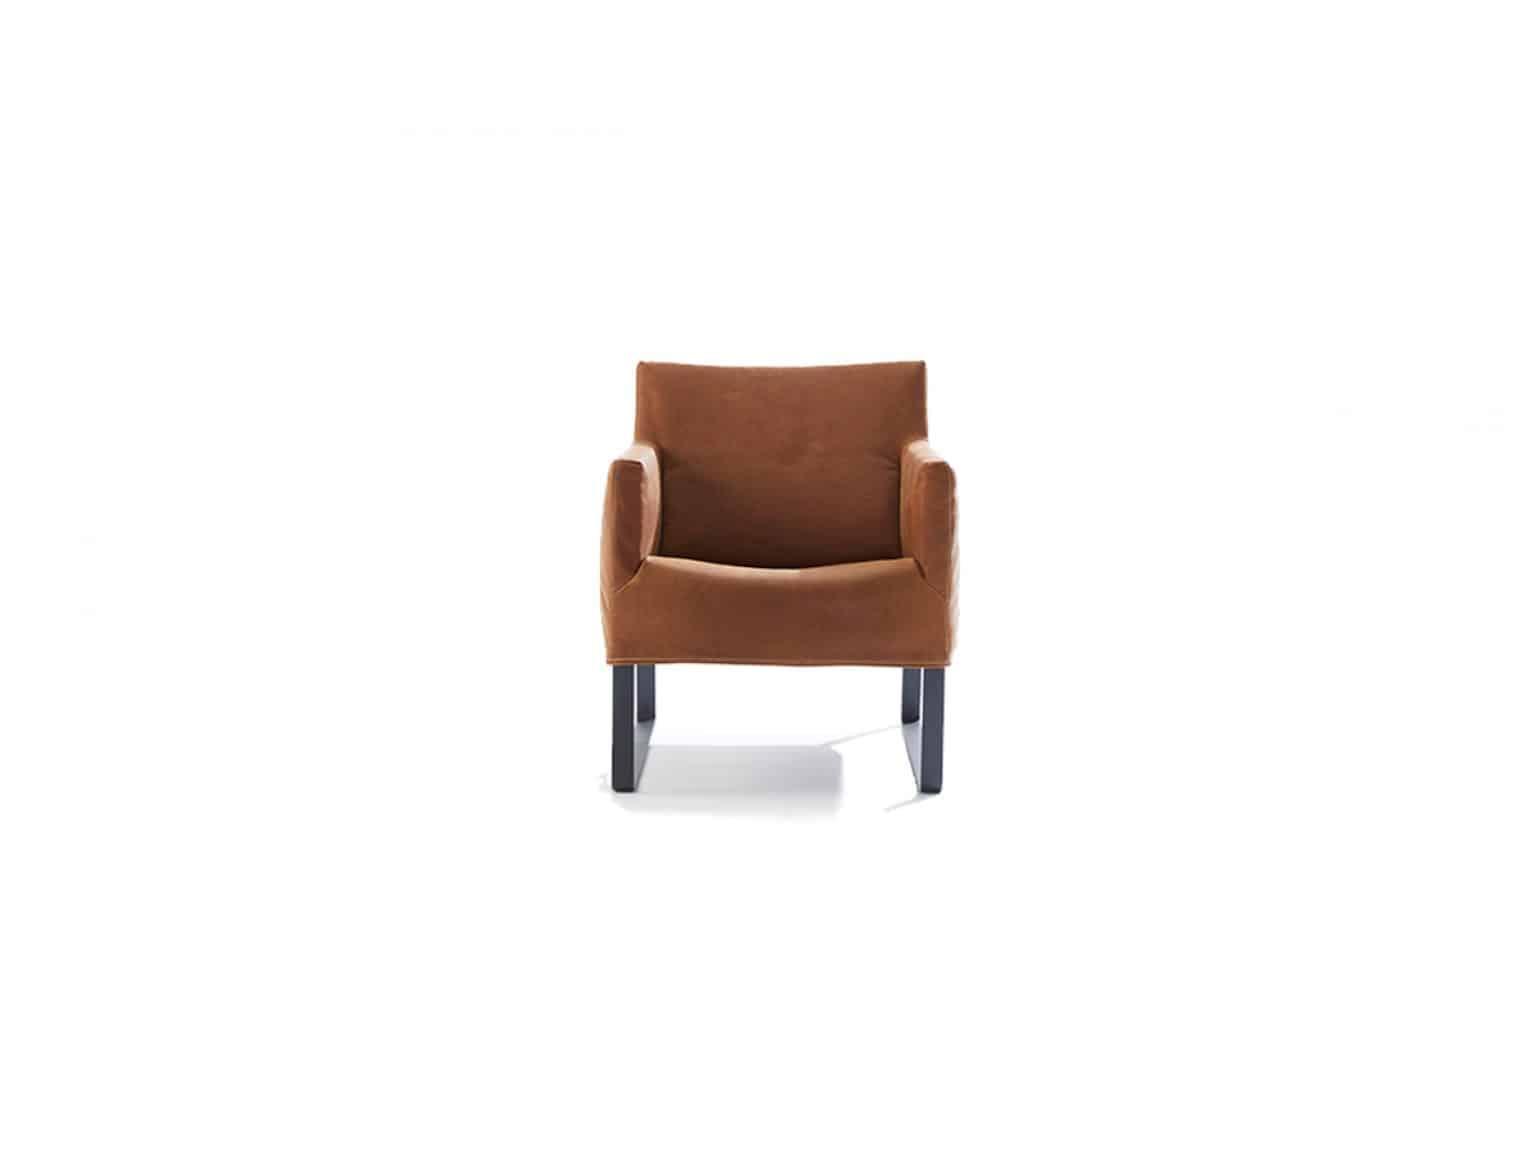 Label fauteuil Coppola pa